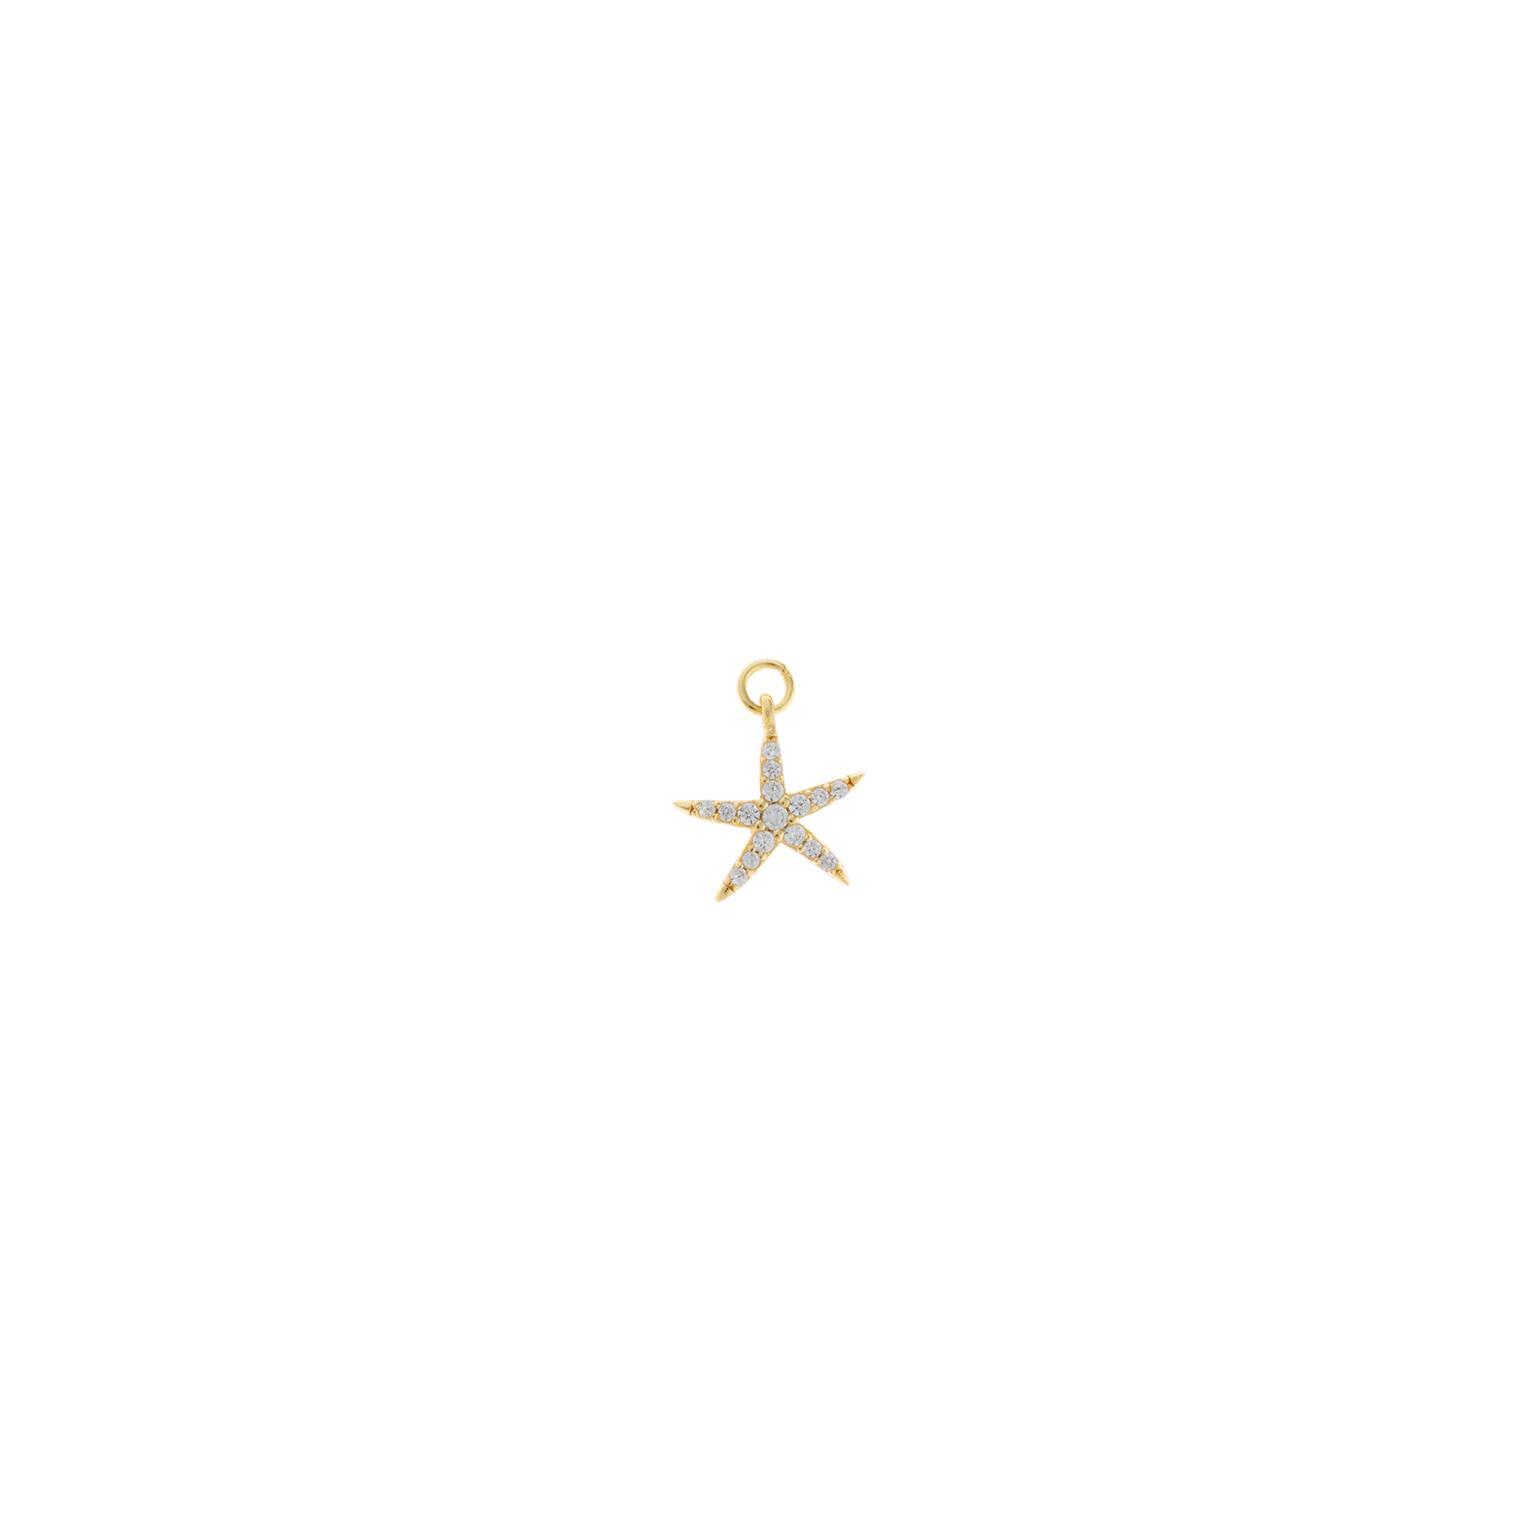 Charm plata Salvatore dorado estrella de mar con circonitas blancas brillantes